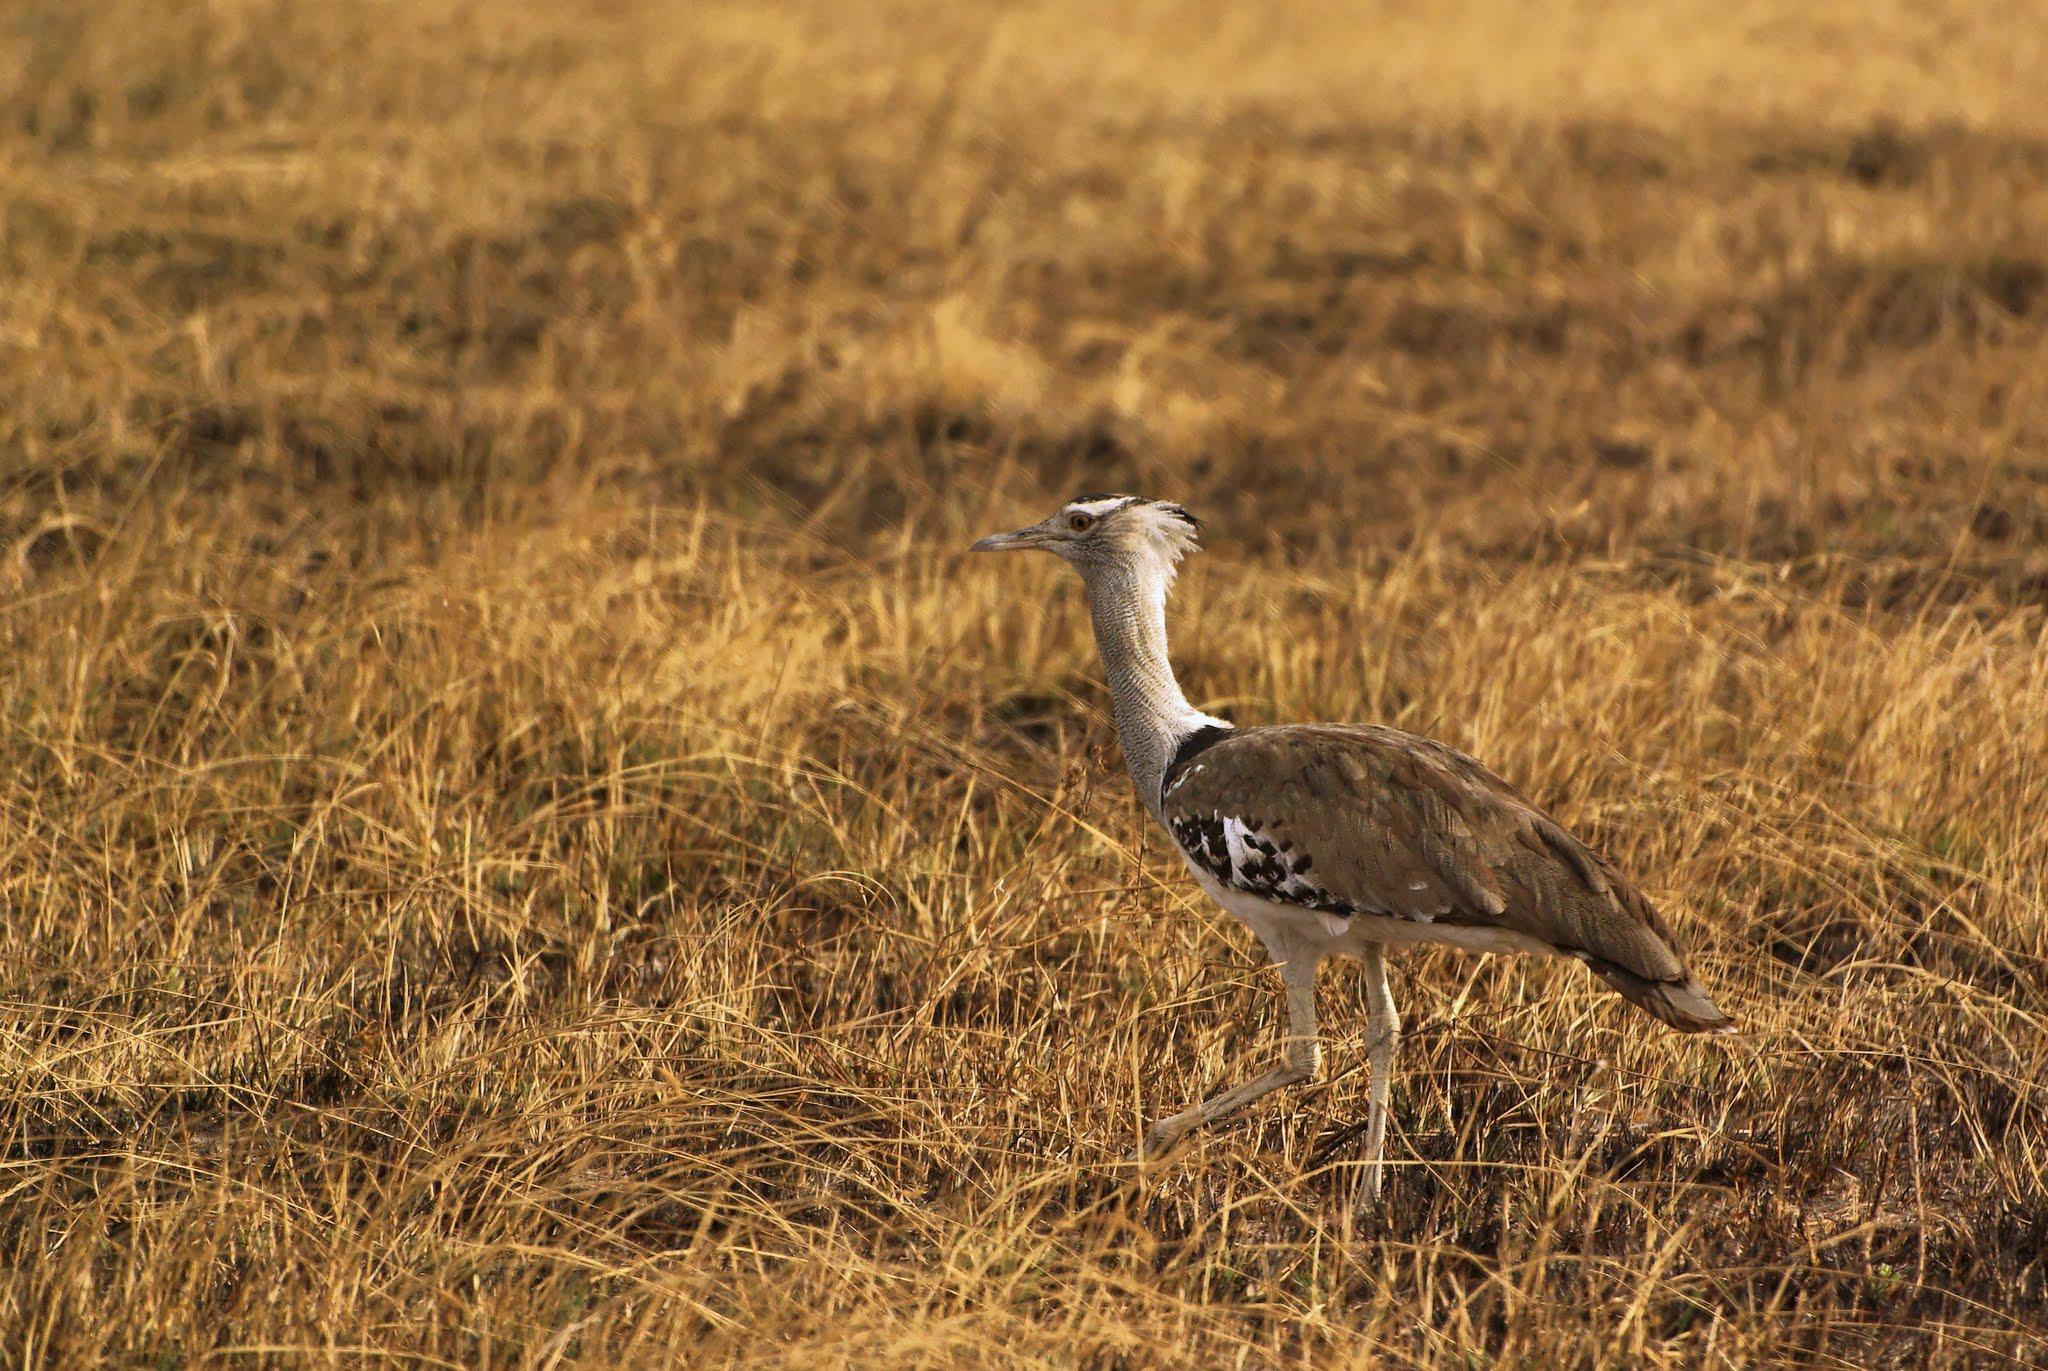 outarde-kori-serengeti-06-08_dxo_dxo